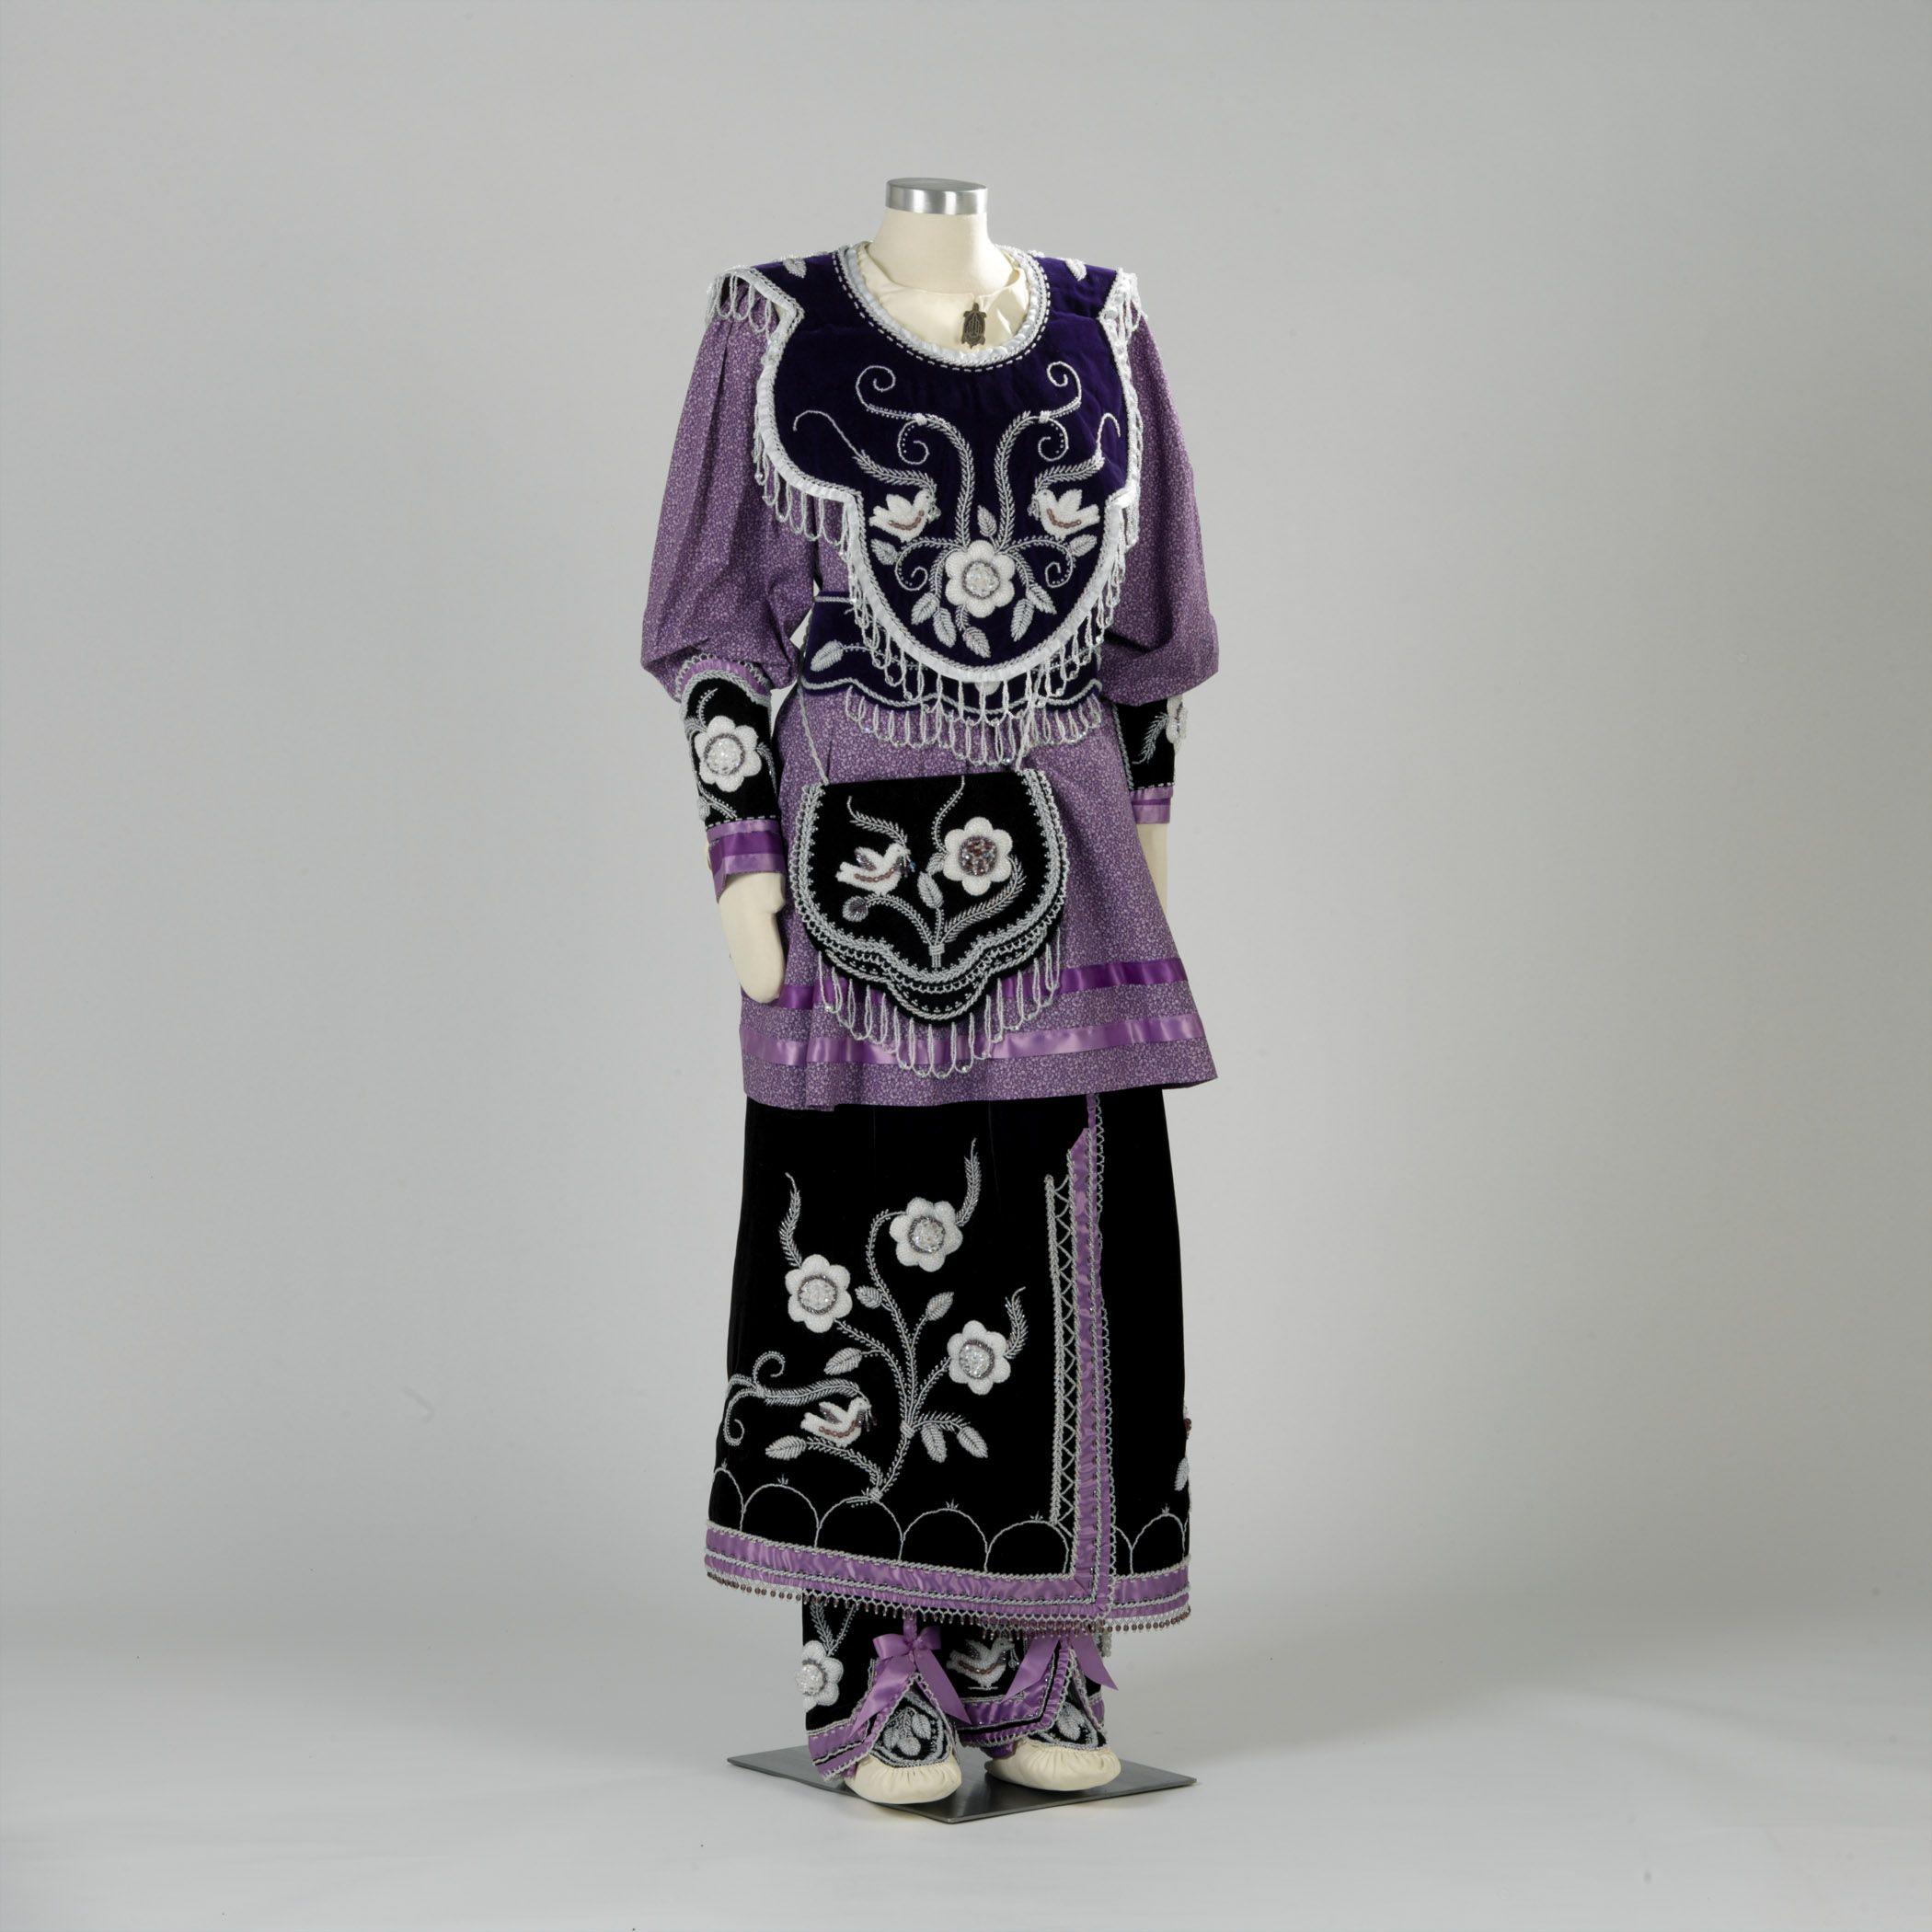 The Iroquois Iroquois Clothing Was Based Seasonally